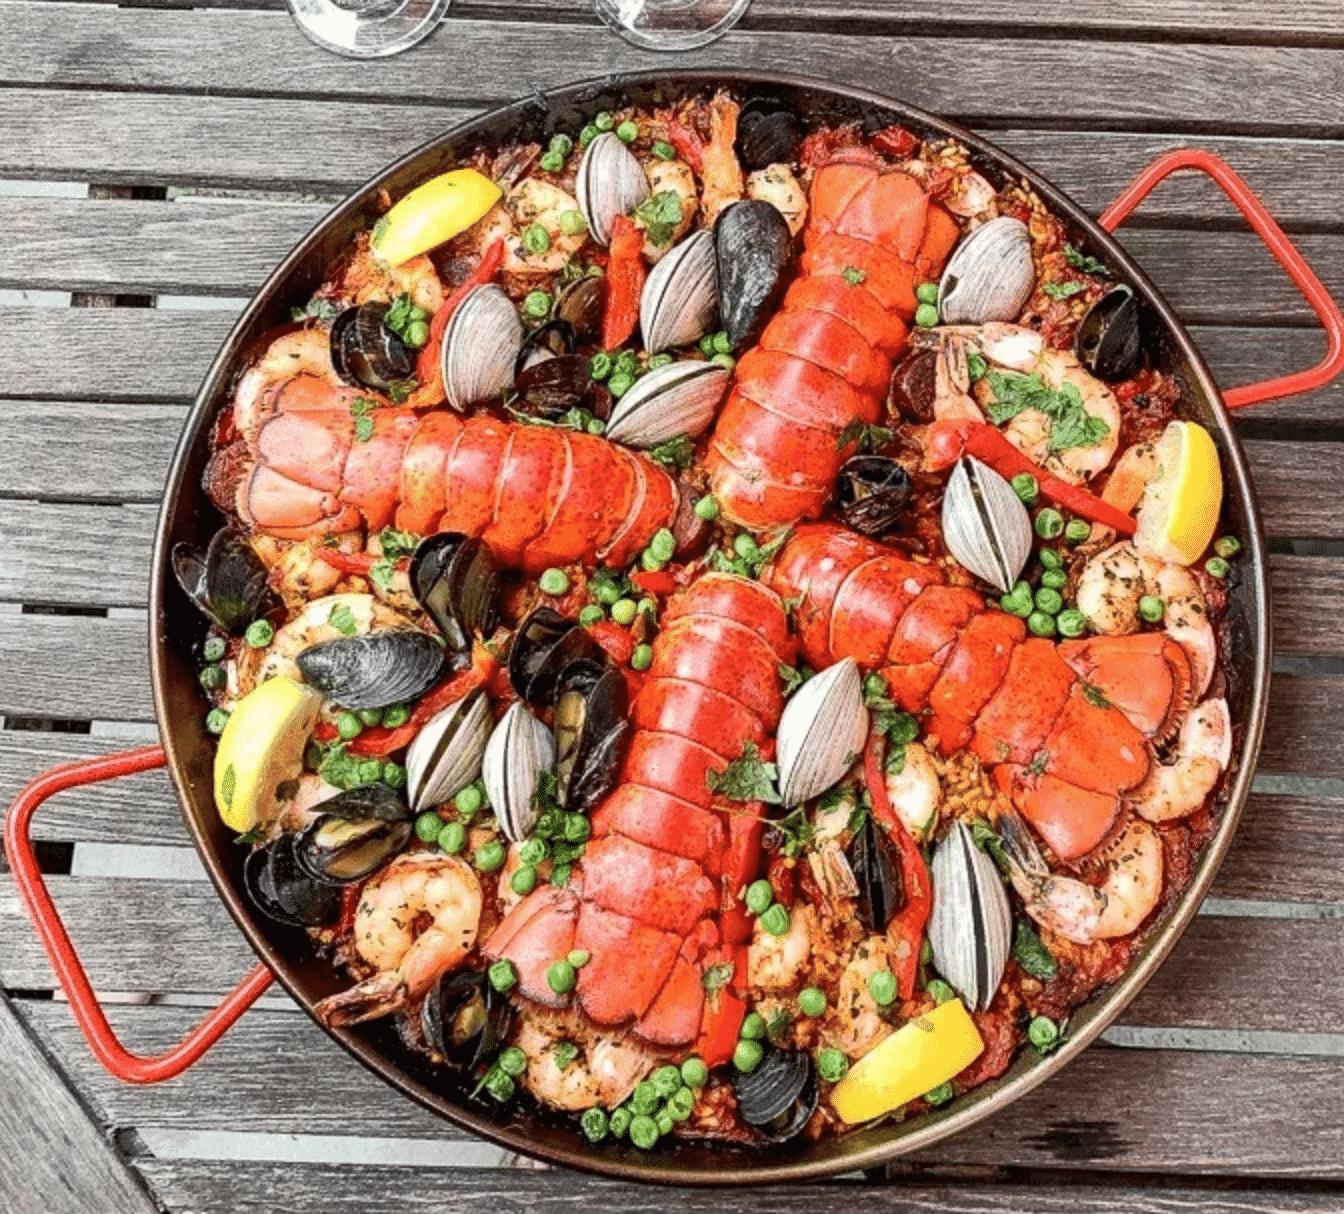 Homemade Spanish Recipes